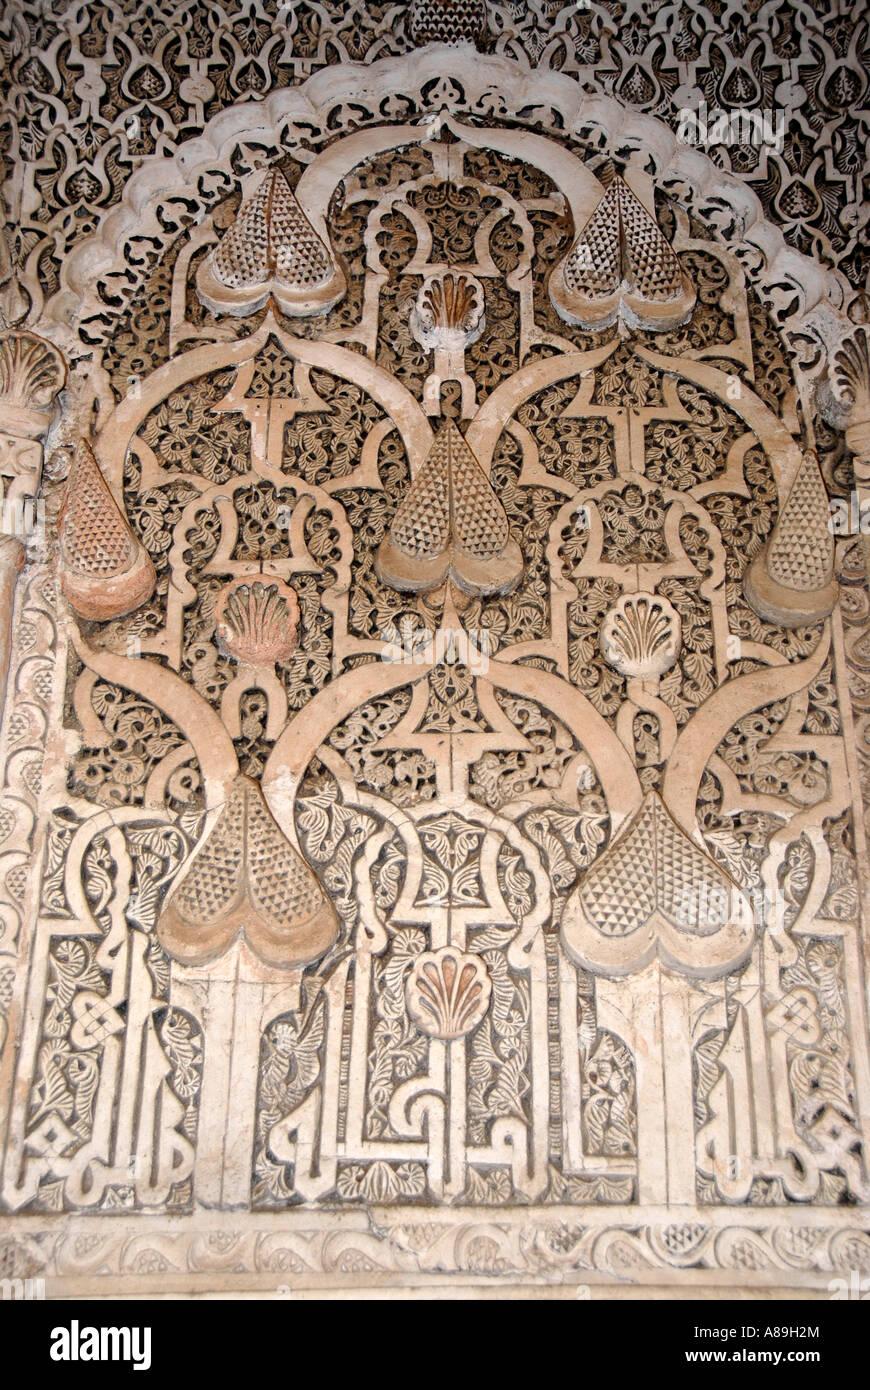 Detalle de orientales con finas ricamente decorado con estuco mihrab Ali Ben Youssef Medersa Medina Marrakech Marruecos Imagen De Stock